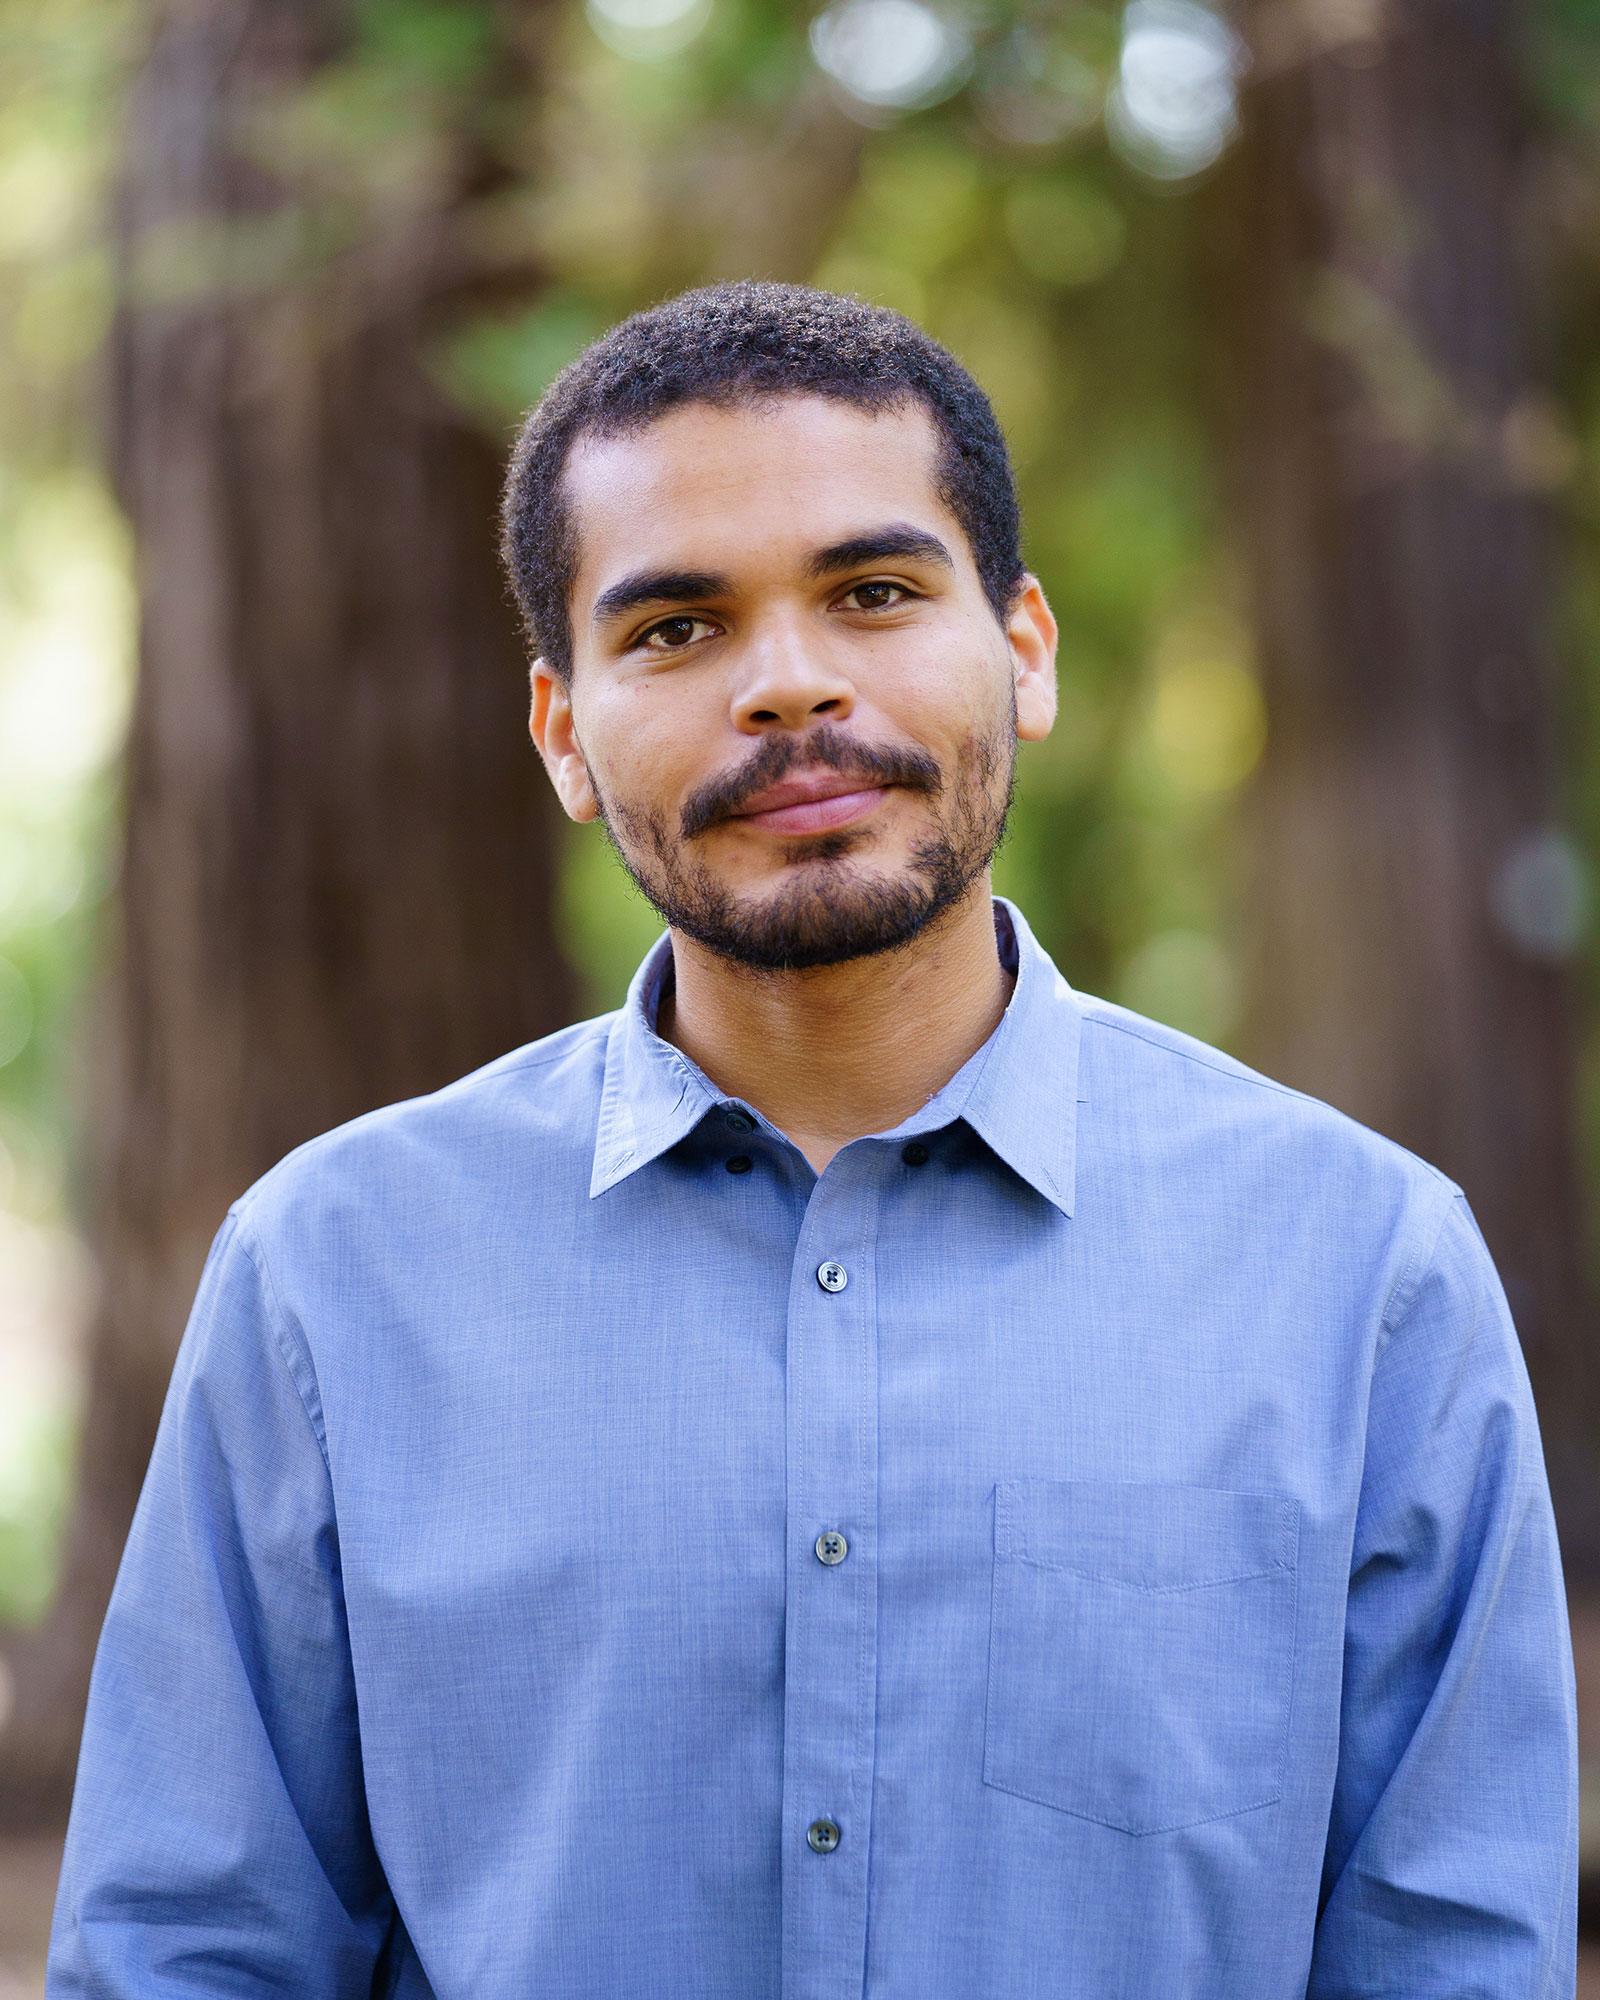 Chris Castro, composer